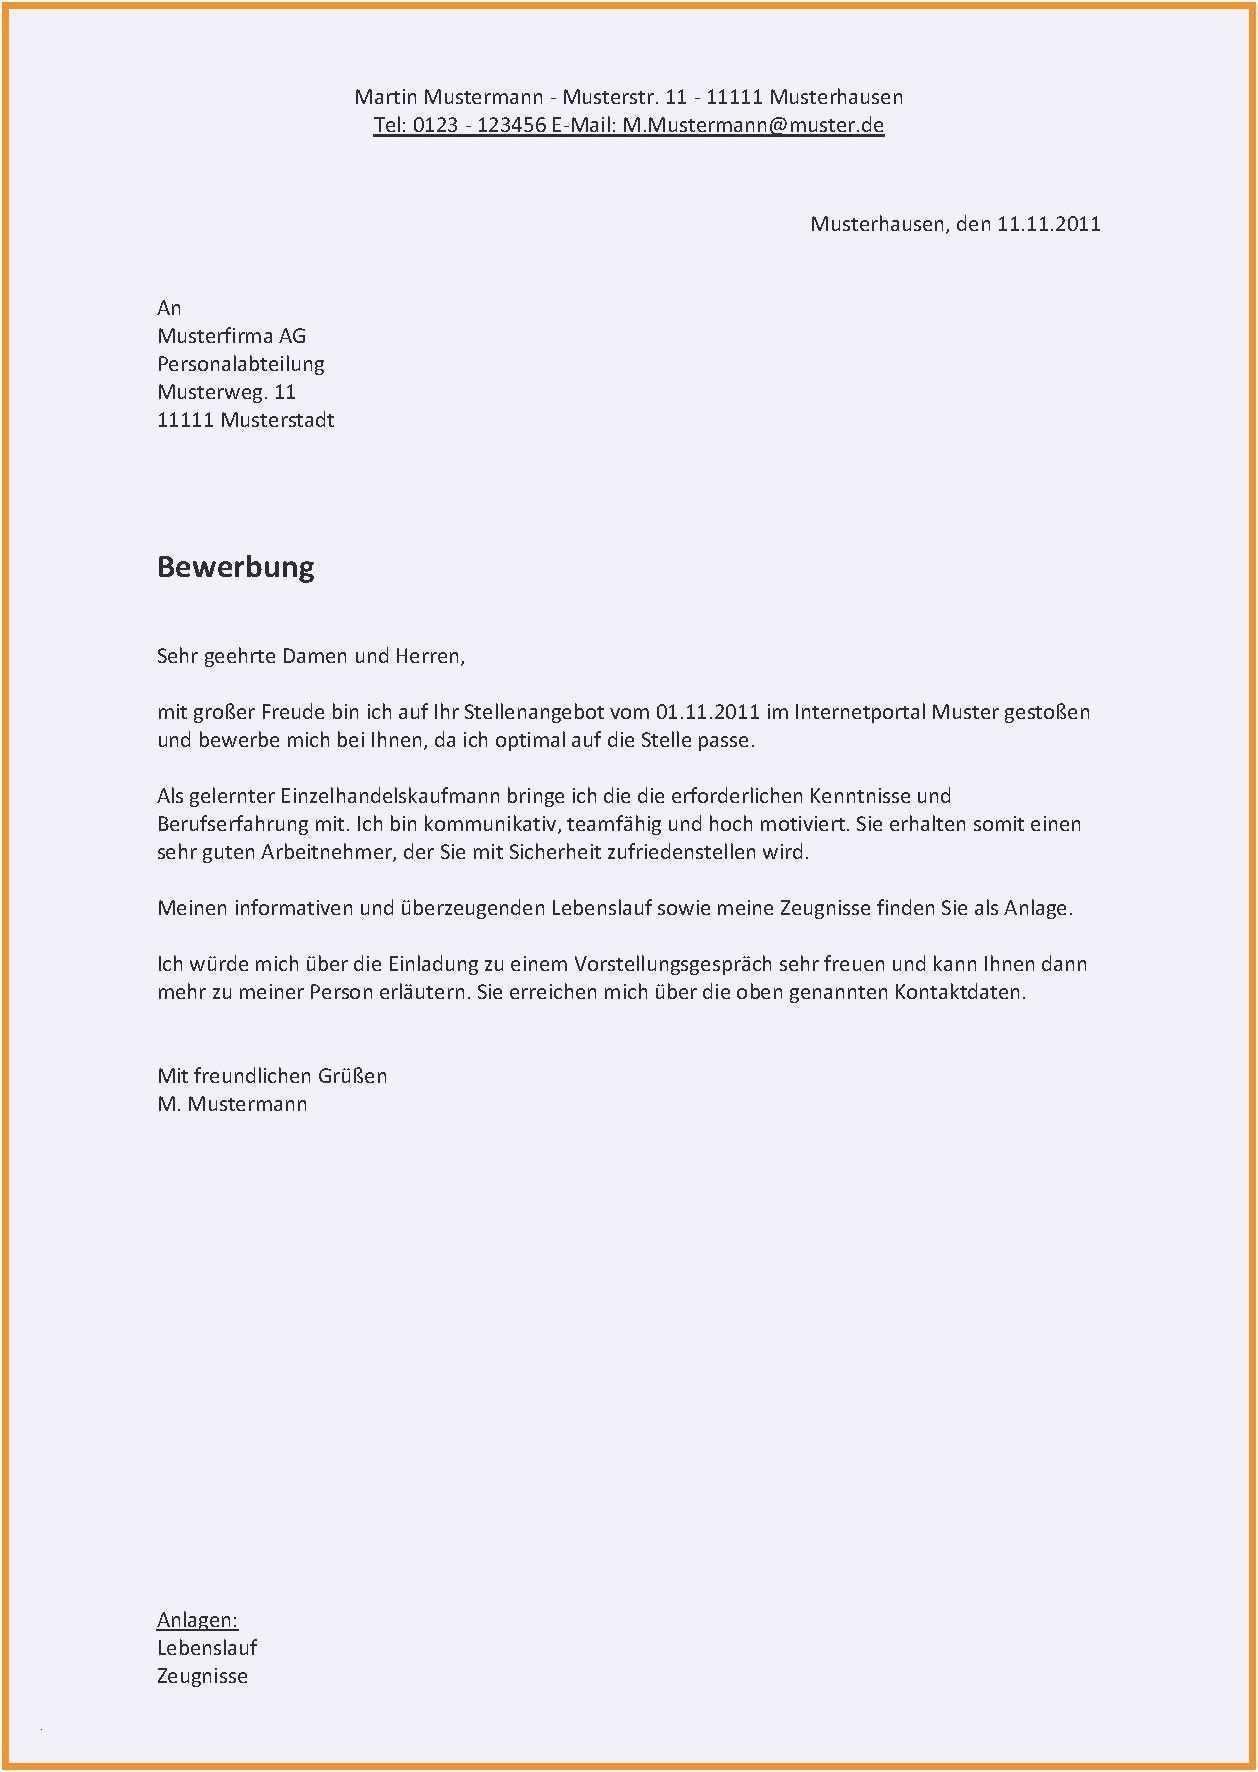 Neu Bewerbung Als Produktionshelfer Briefprobe Briefformat Briefvorlage Lebenslaufvorlage Kostenlos Bewerbung Schreiben Lebenslauf Muster